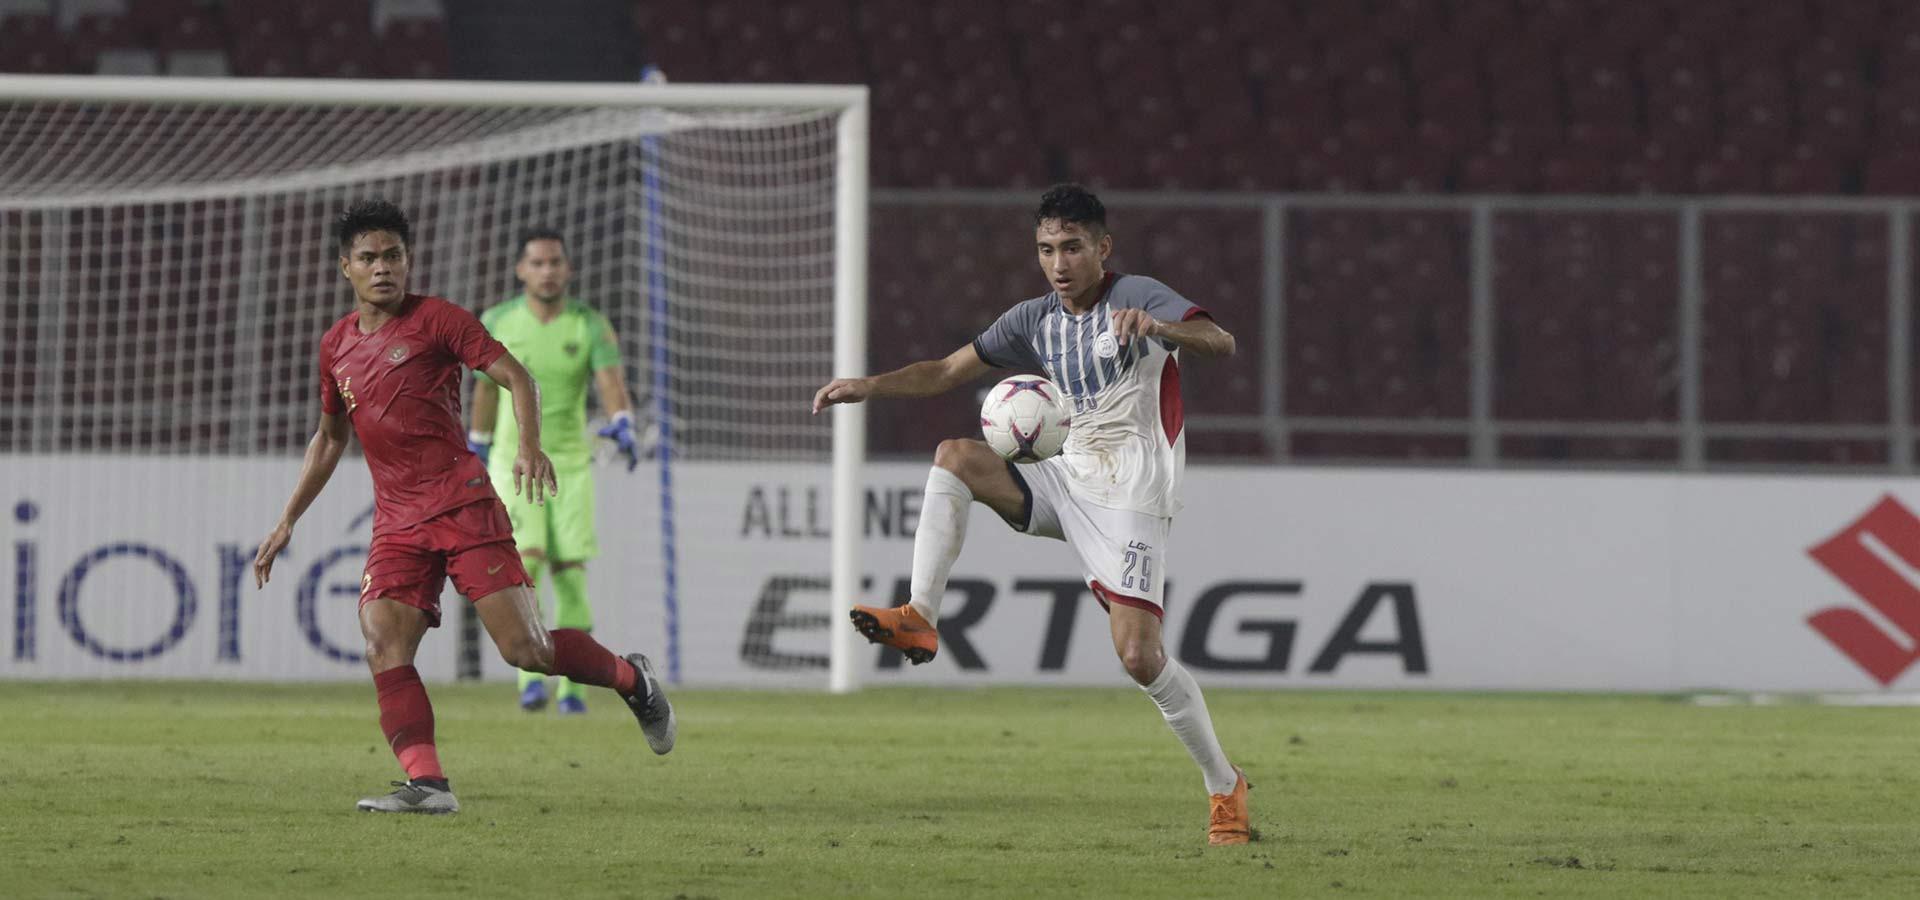 Tiền đạo tuyển Philippines lên tiếng thách thức Duy Mạnh, Văn Lâm và đồng đội - Ảnh 2.